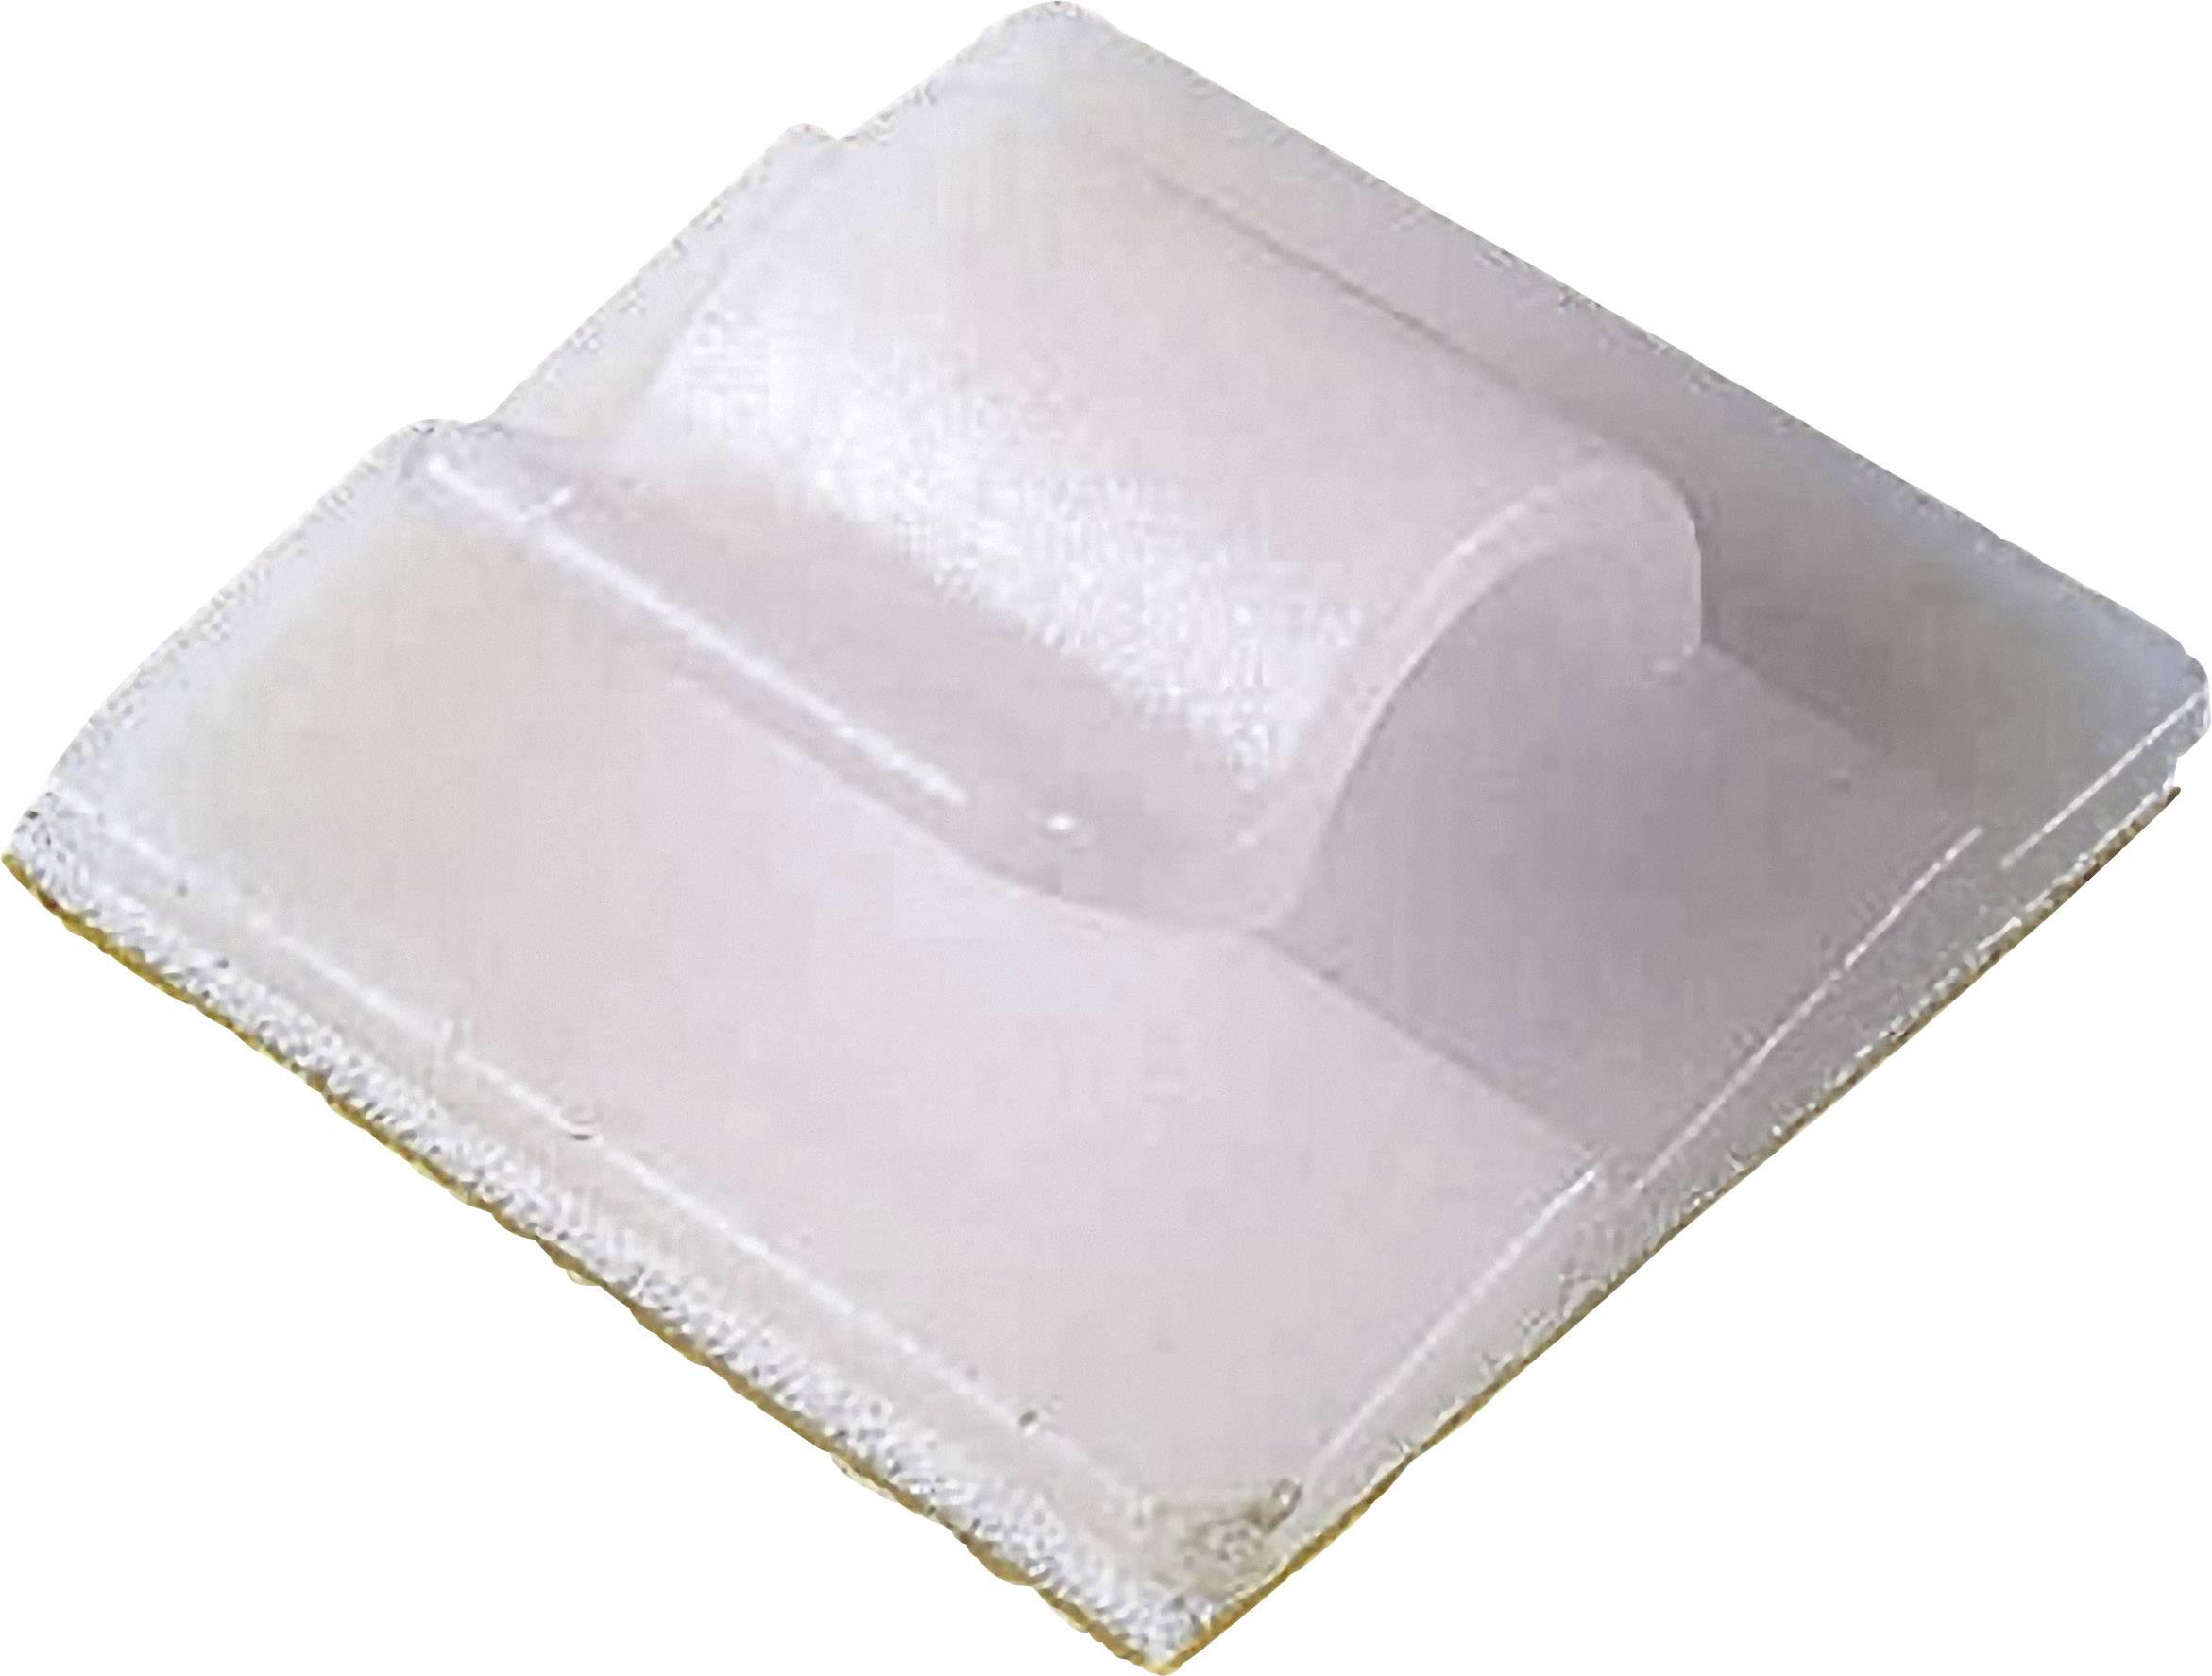 Spona na uchytenie káblu/ov PB Fastener 5432 5432, samolepiaci, 8 mm (max), prírodná, 1 ks